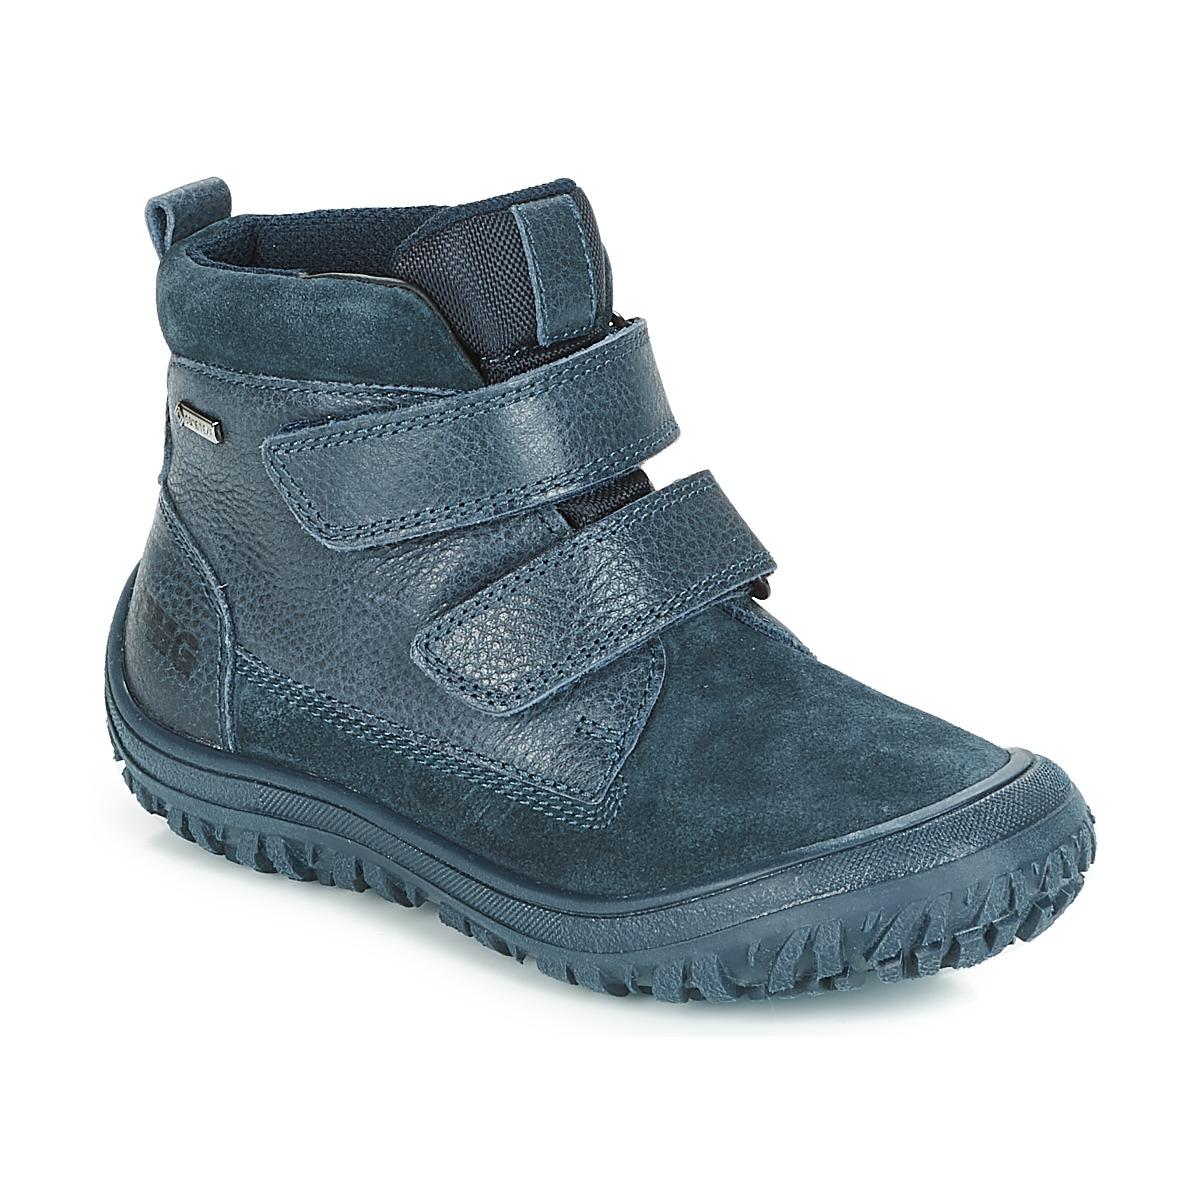 Støvler til børn Primigi  POG 24371 GORE-TEX